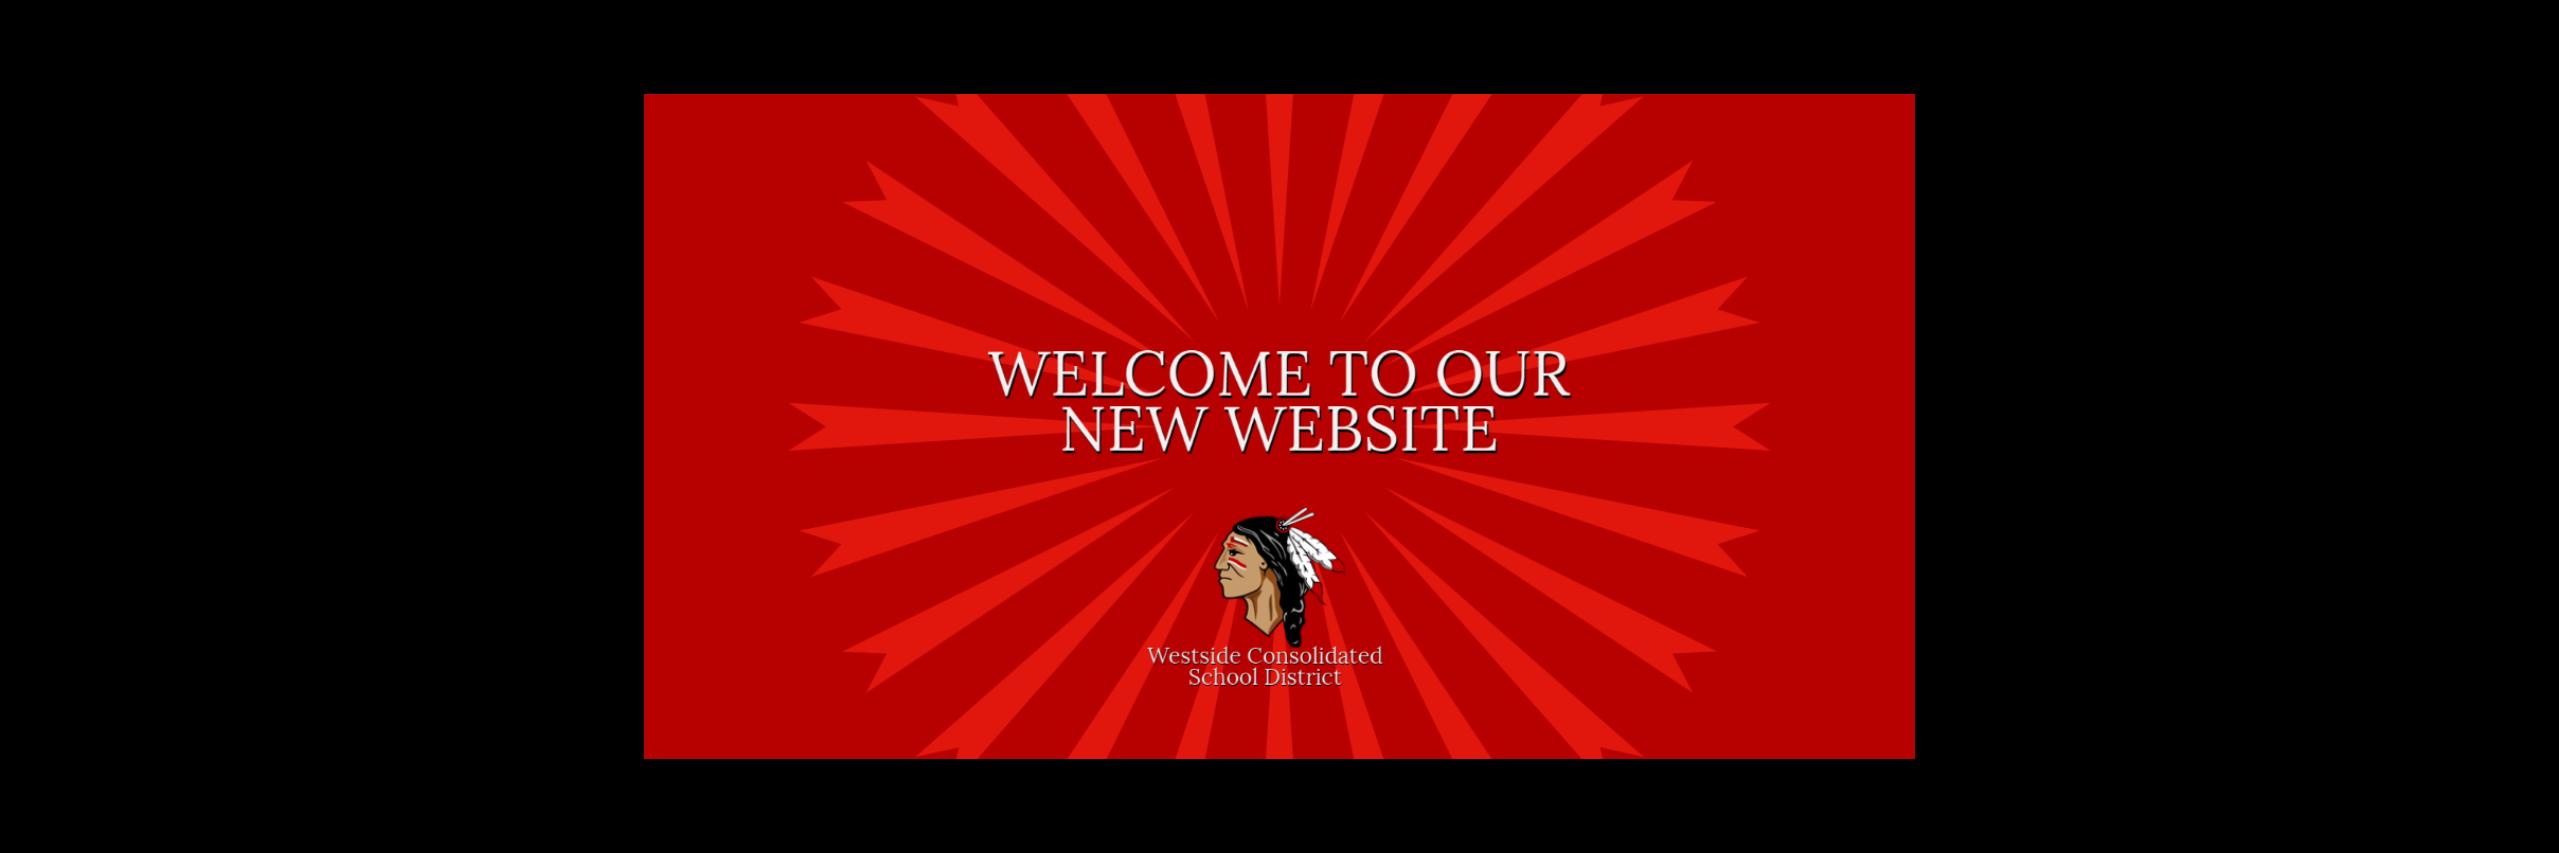 Website Launch Banner